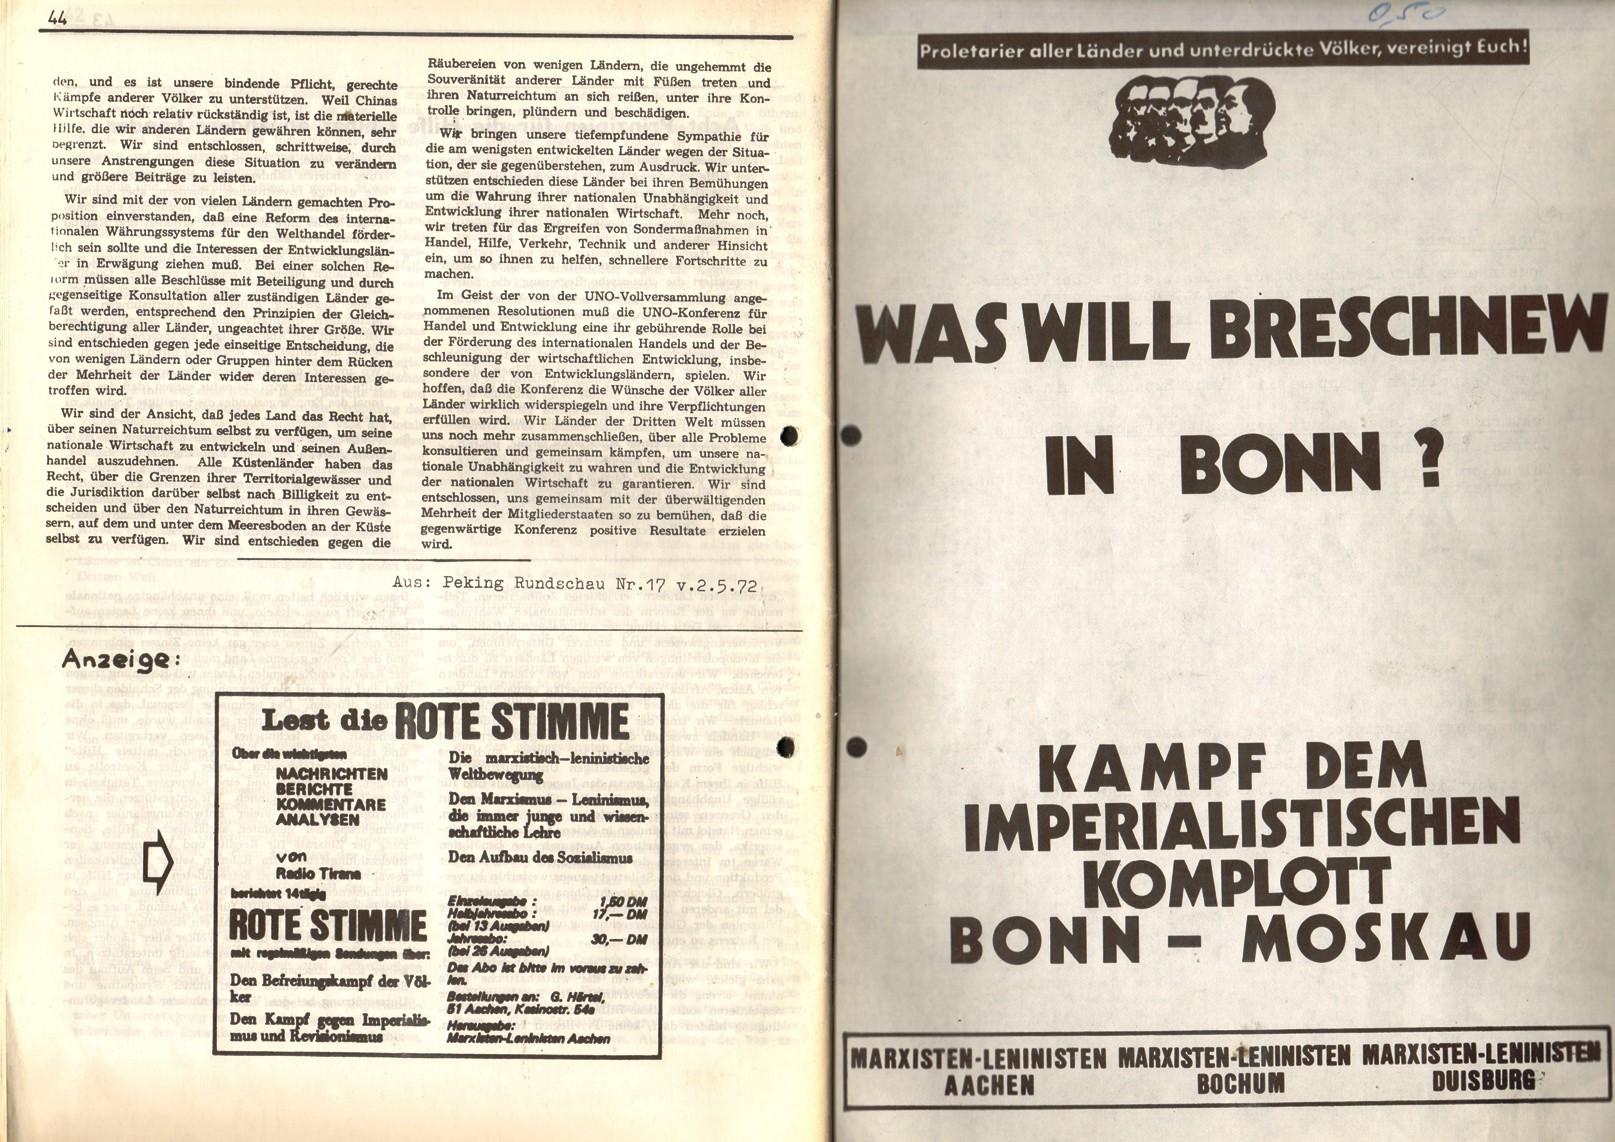 ML_Aachen_Bochum_Duisburg_1973_Breschnew_in_Bonn_01